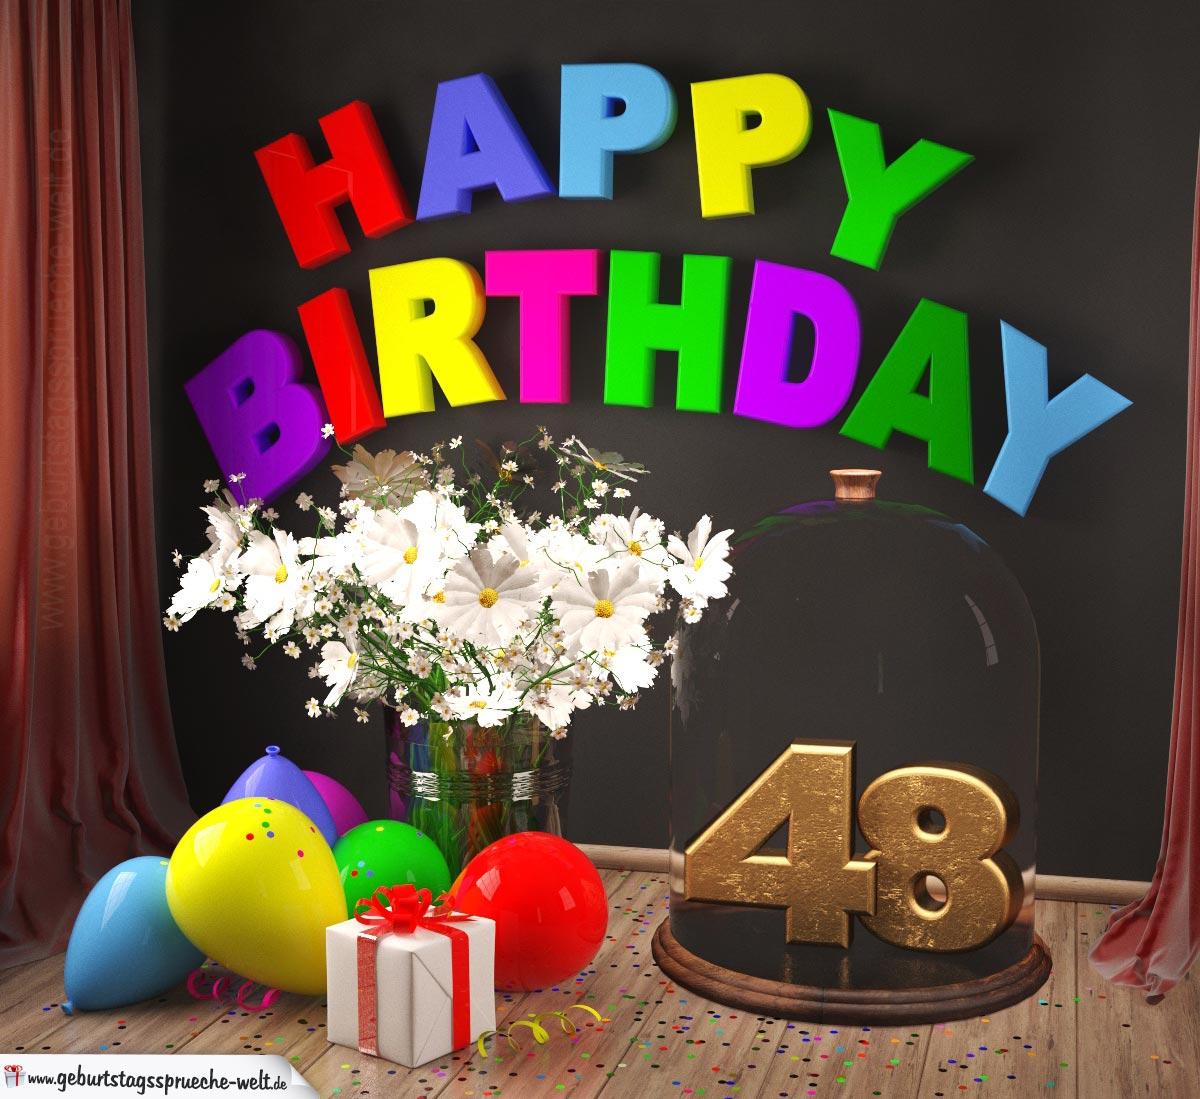 Happy Birthday 48 Jahre Glückwunschkarte mit Margeriten-Blumenstrauß, Luftballons und Geschenk unter Glasglocke